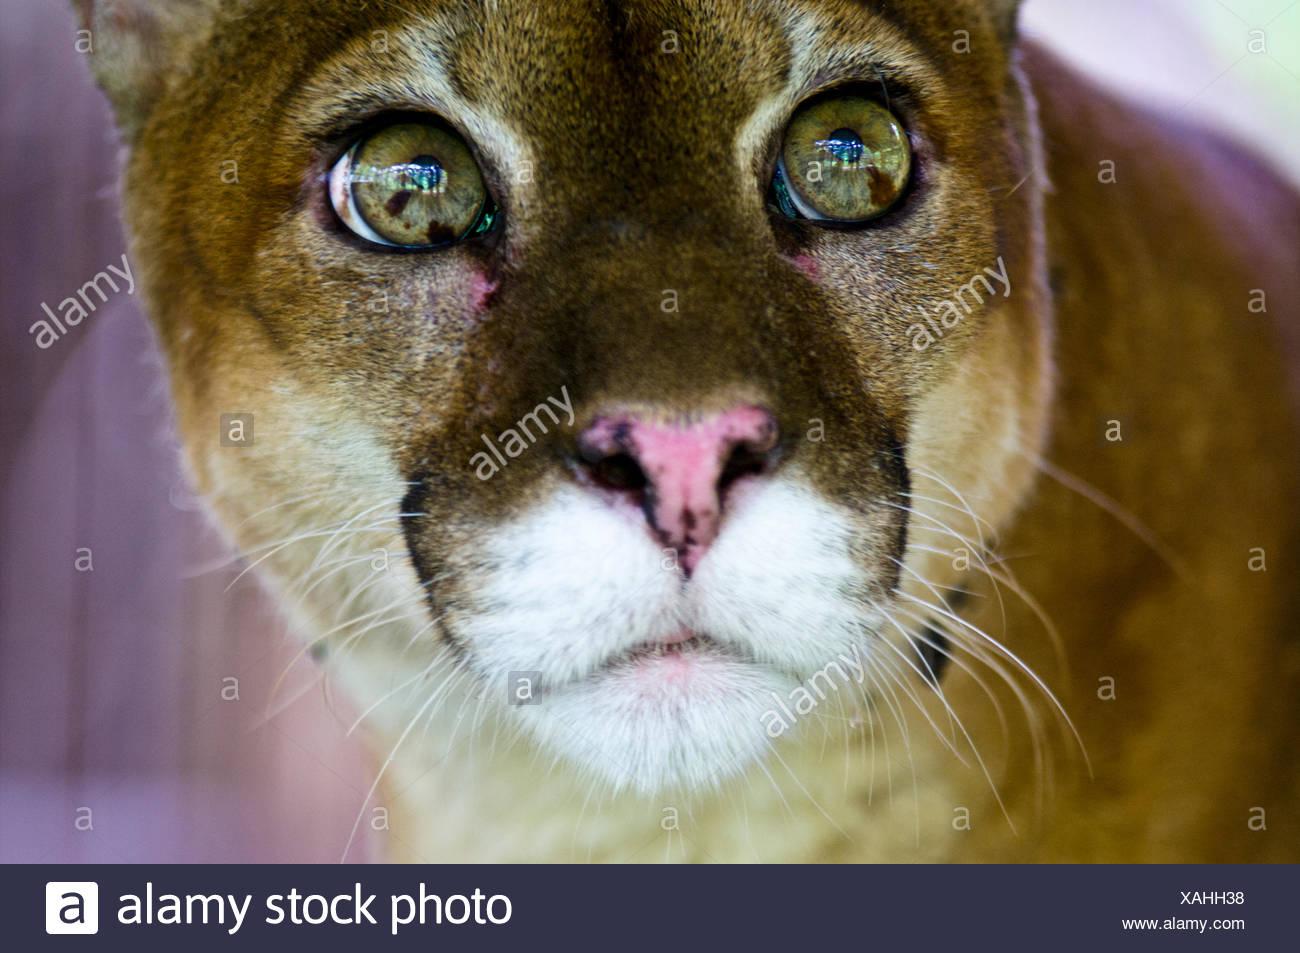 La wide-eyed curiosi ancora lo sguardo sereno di un Leone di montagna con calce occhi verdi. Immagini Stock